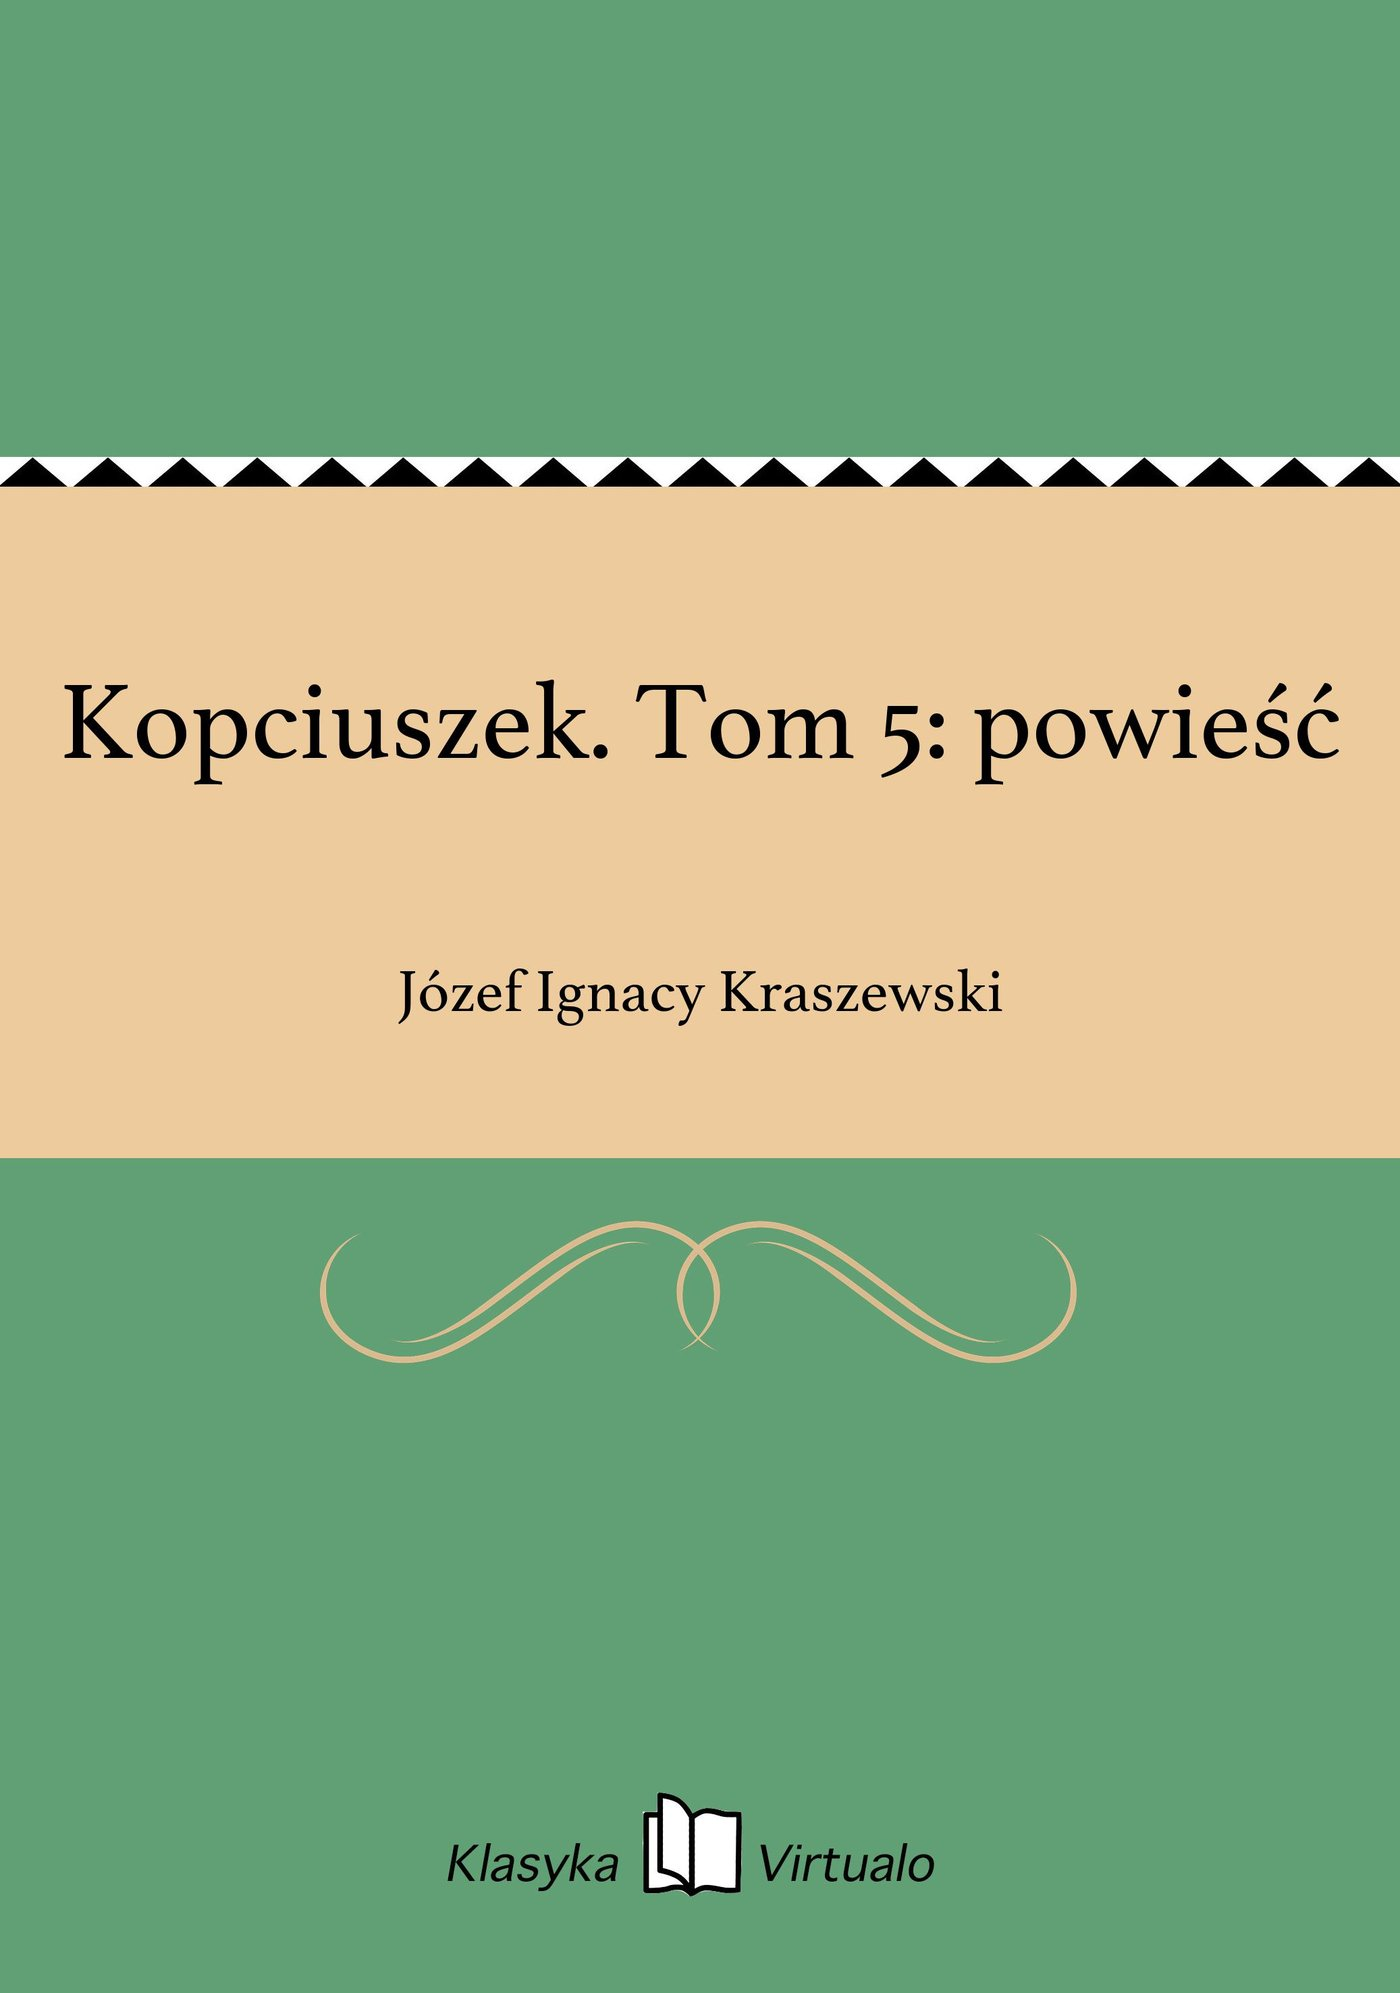 Kopciuszek. Tom 5: powieść - Ebook (Książka EPUB) do pobrania w formacie EPUB